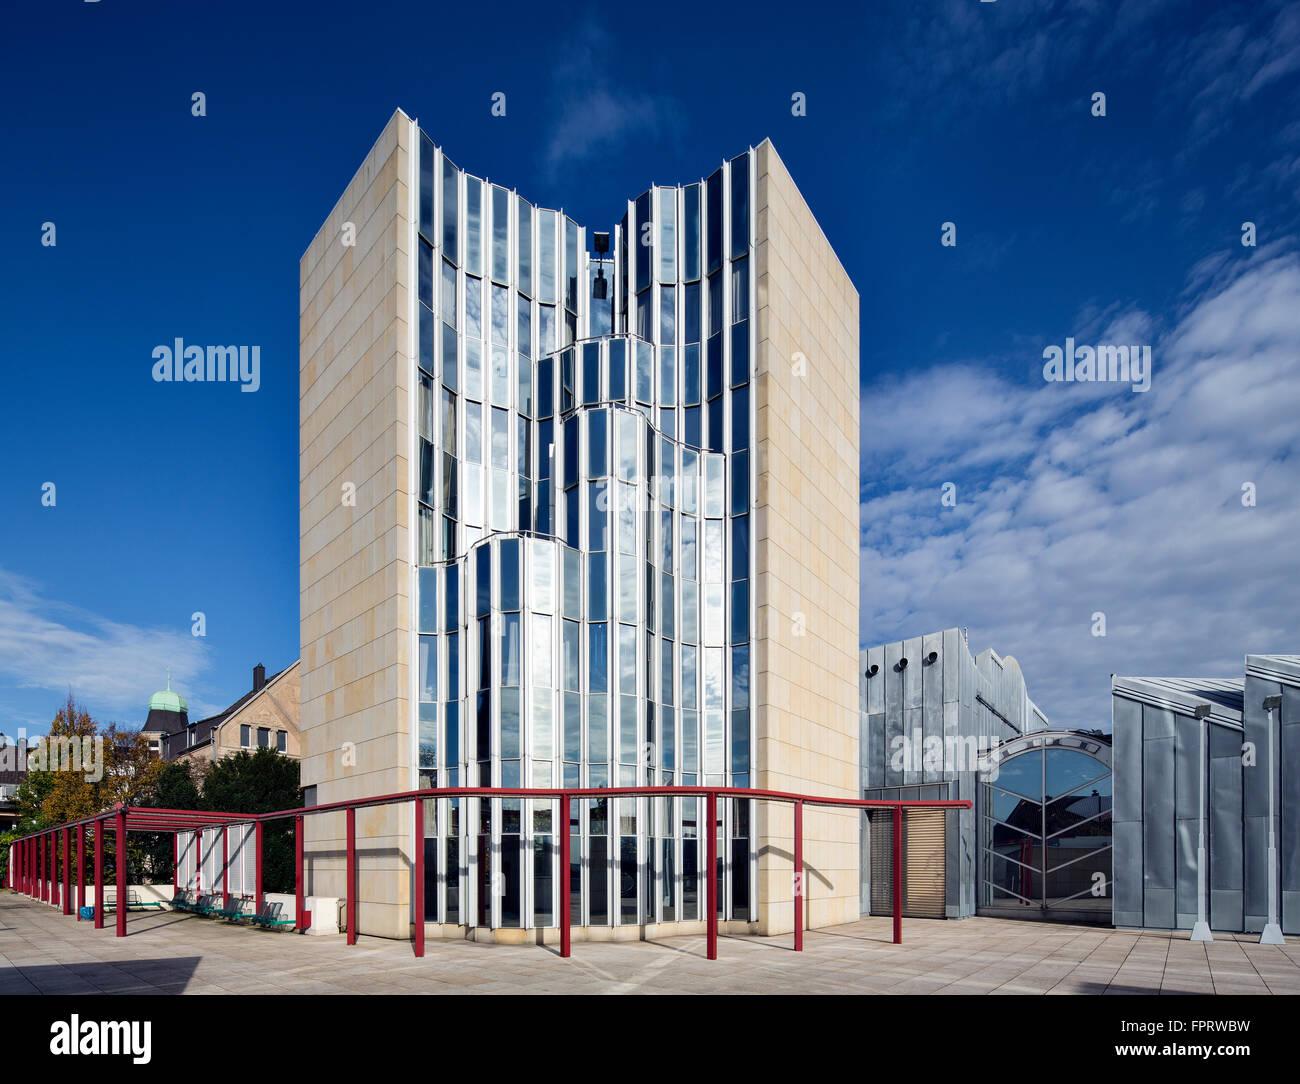 Architekt Mönchengladbach museum abteiberg architekt hans hollein postmoderne